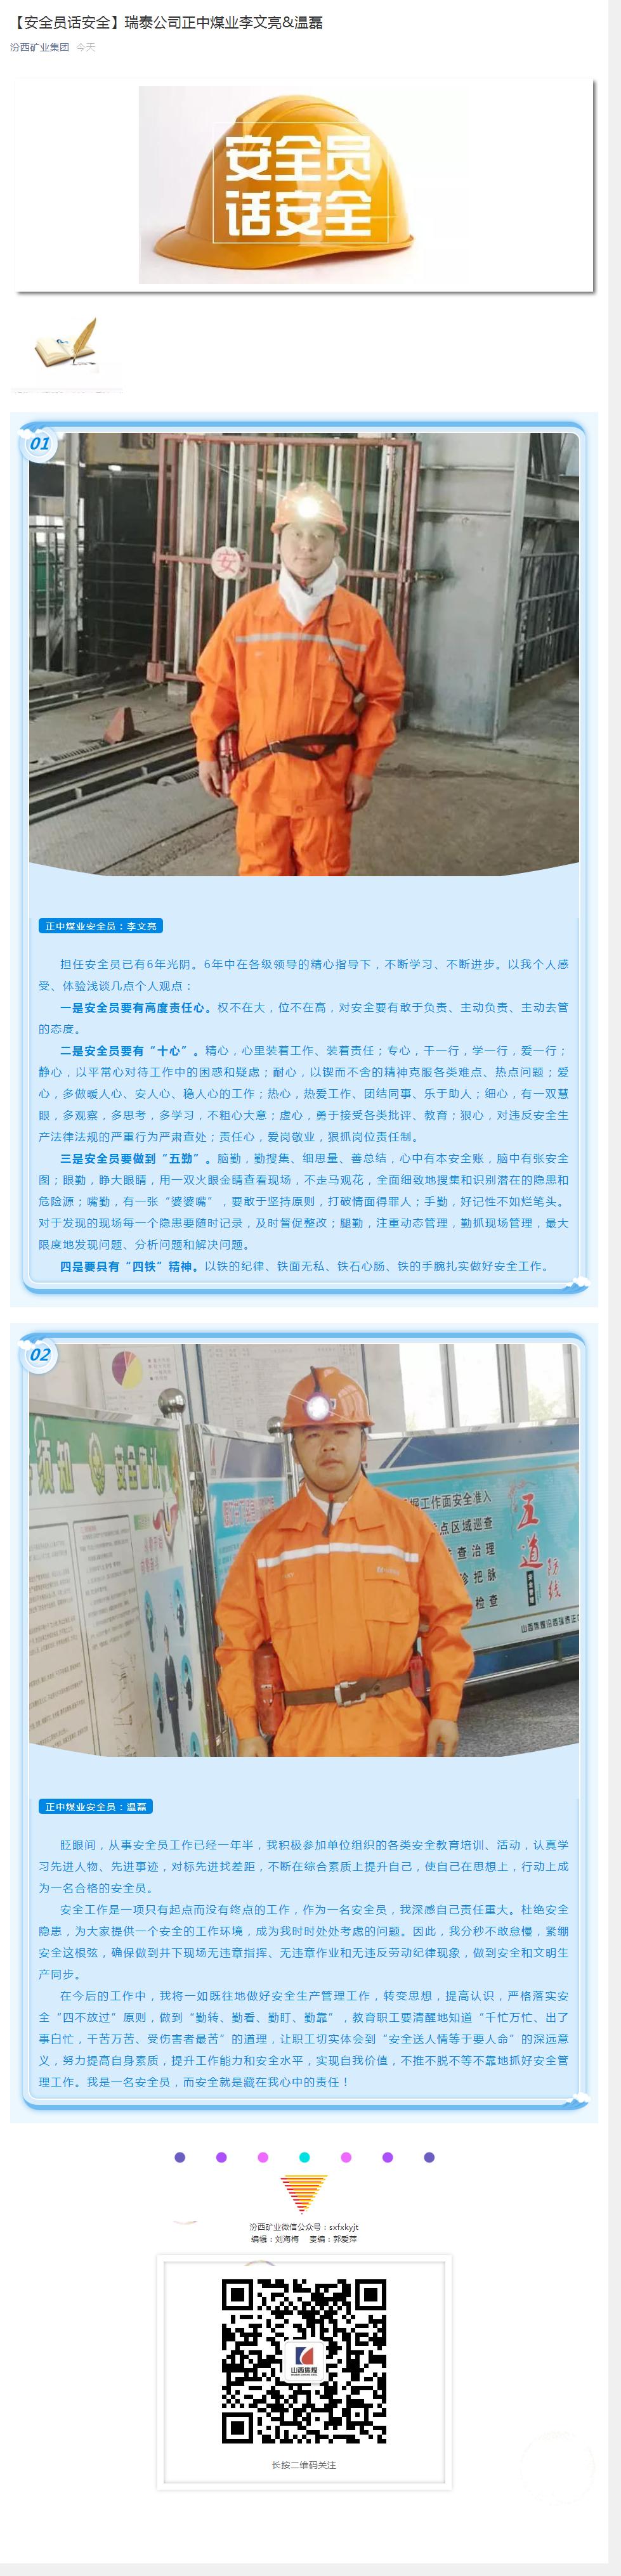 【安全员话安全】瑞泰公司正中煤业李文亮&温磊.png